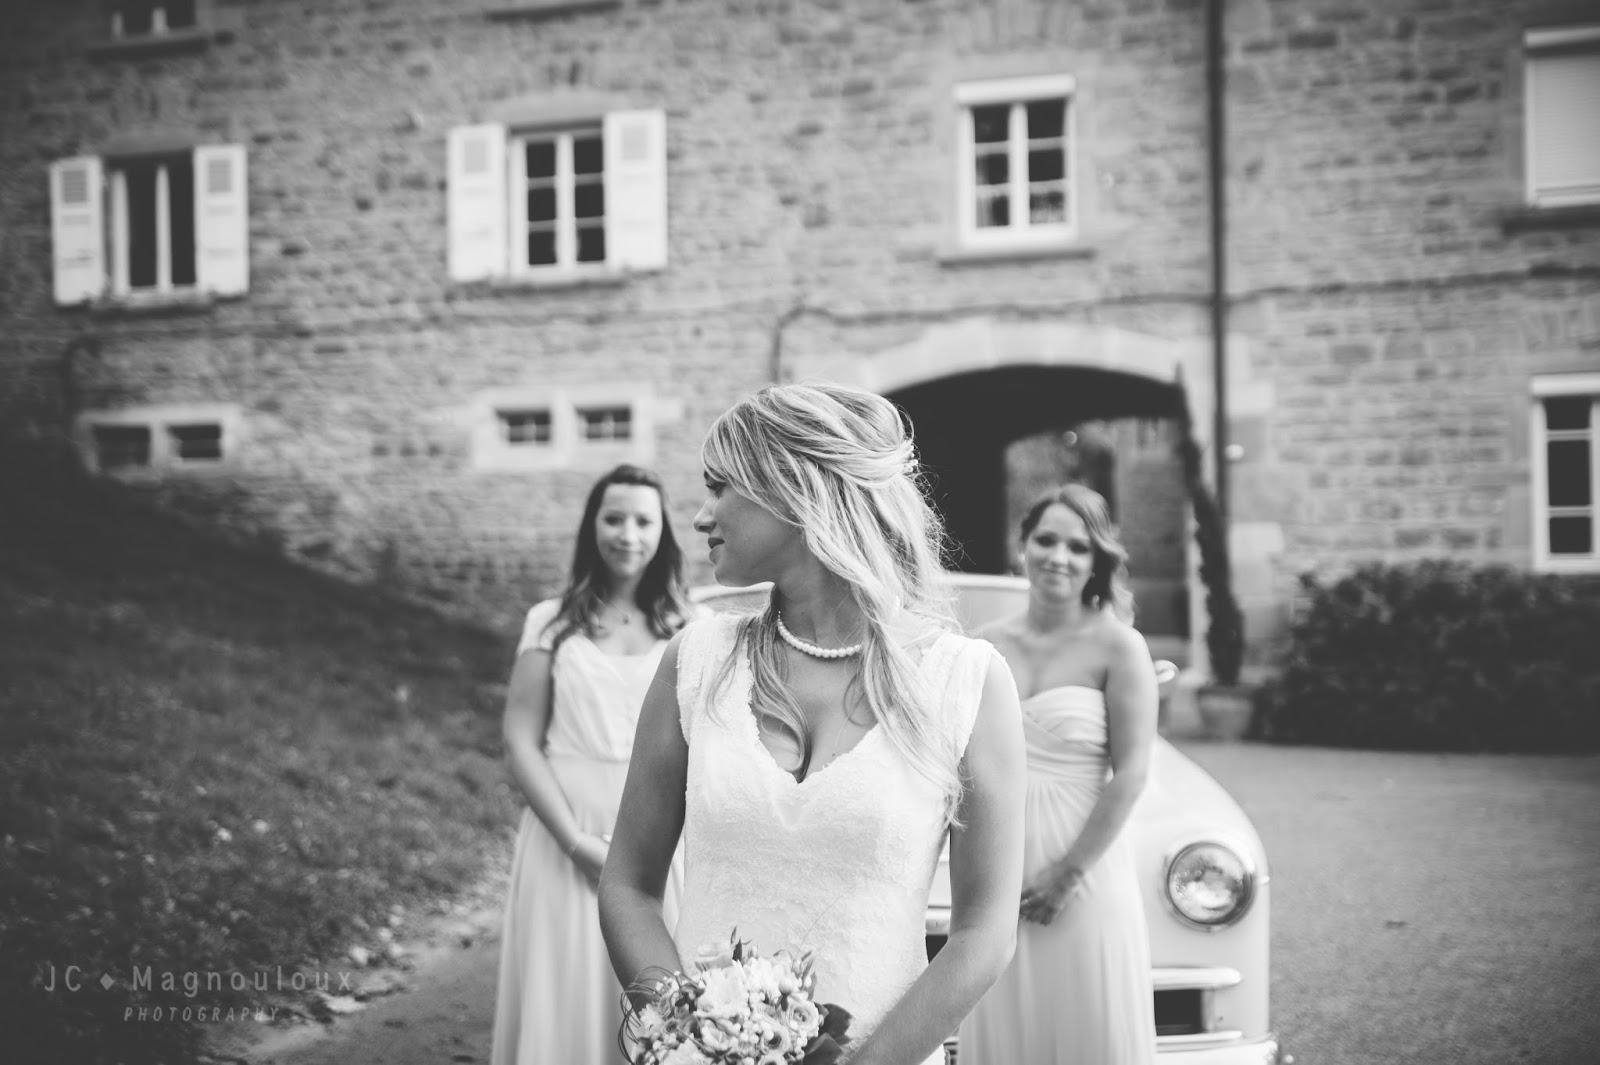 Photographe mariage Lyon Roanne domaine du passeloup liergues beaujolais X-PRO2